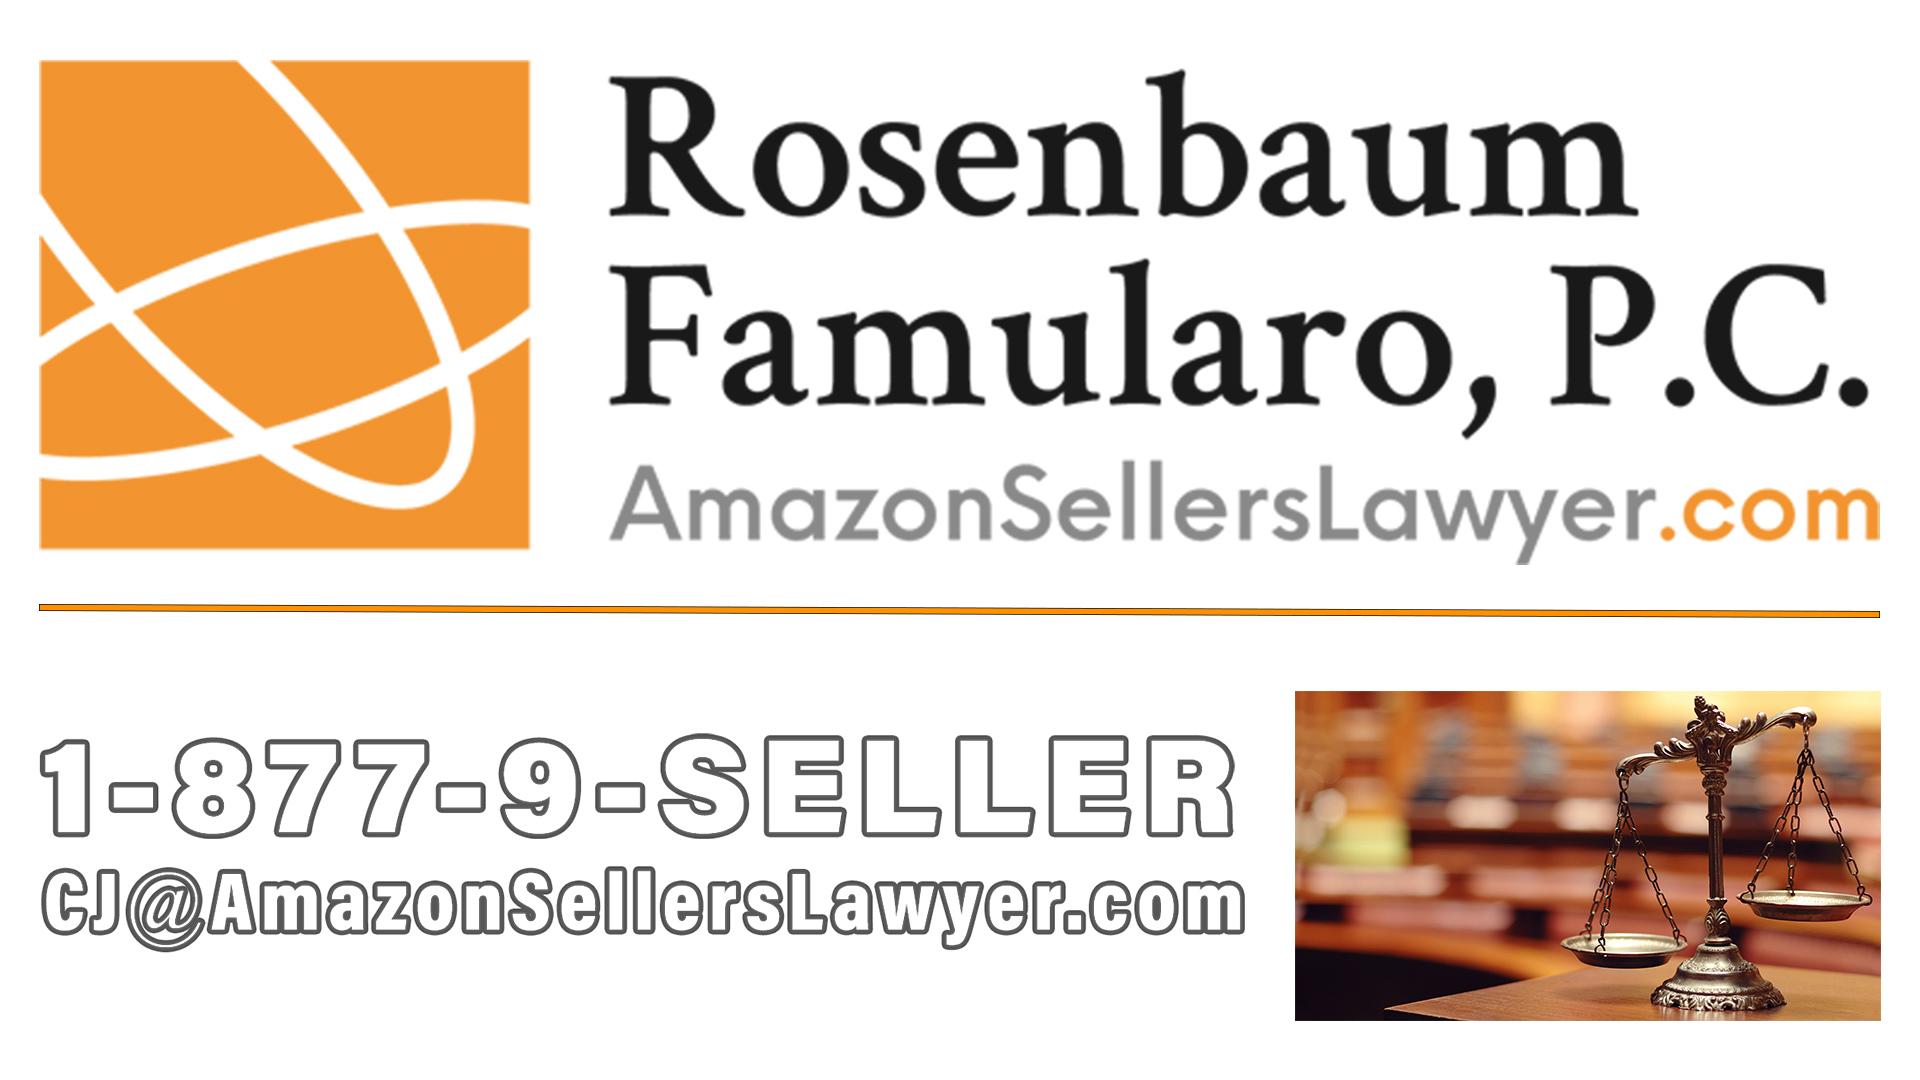 contact Amazon Sellers Lawyer